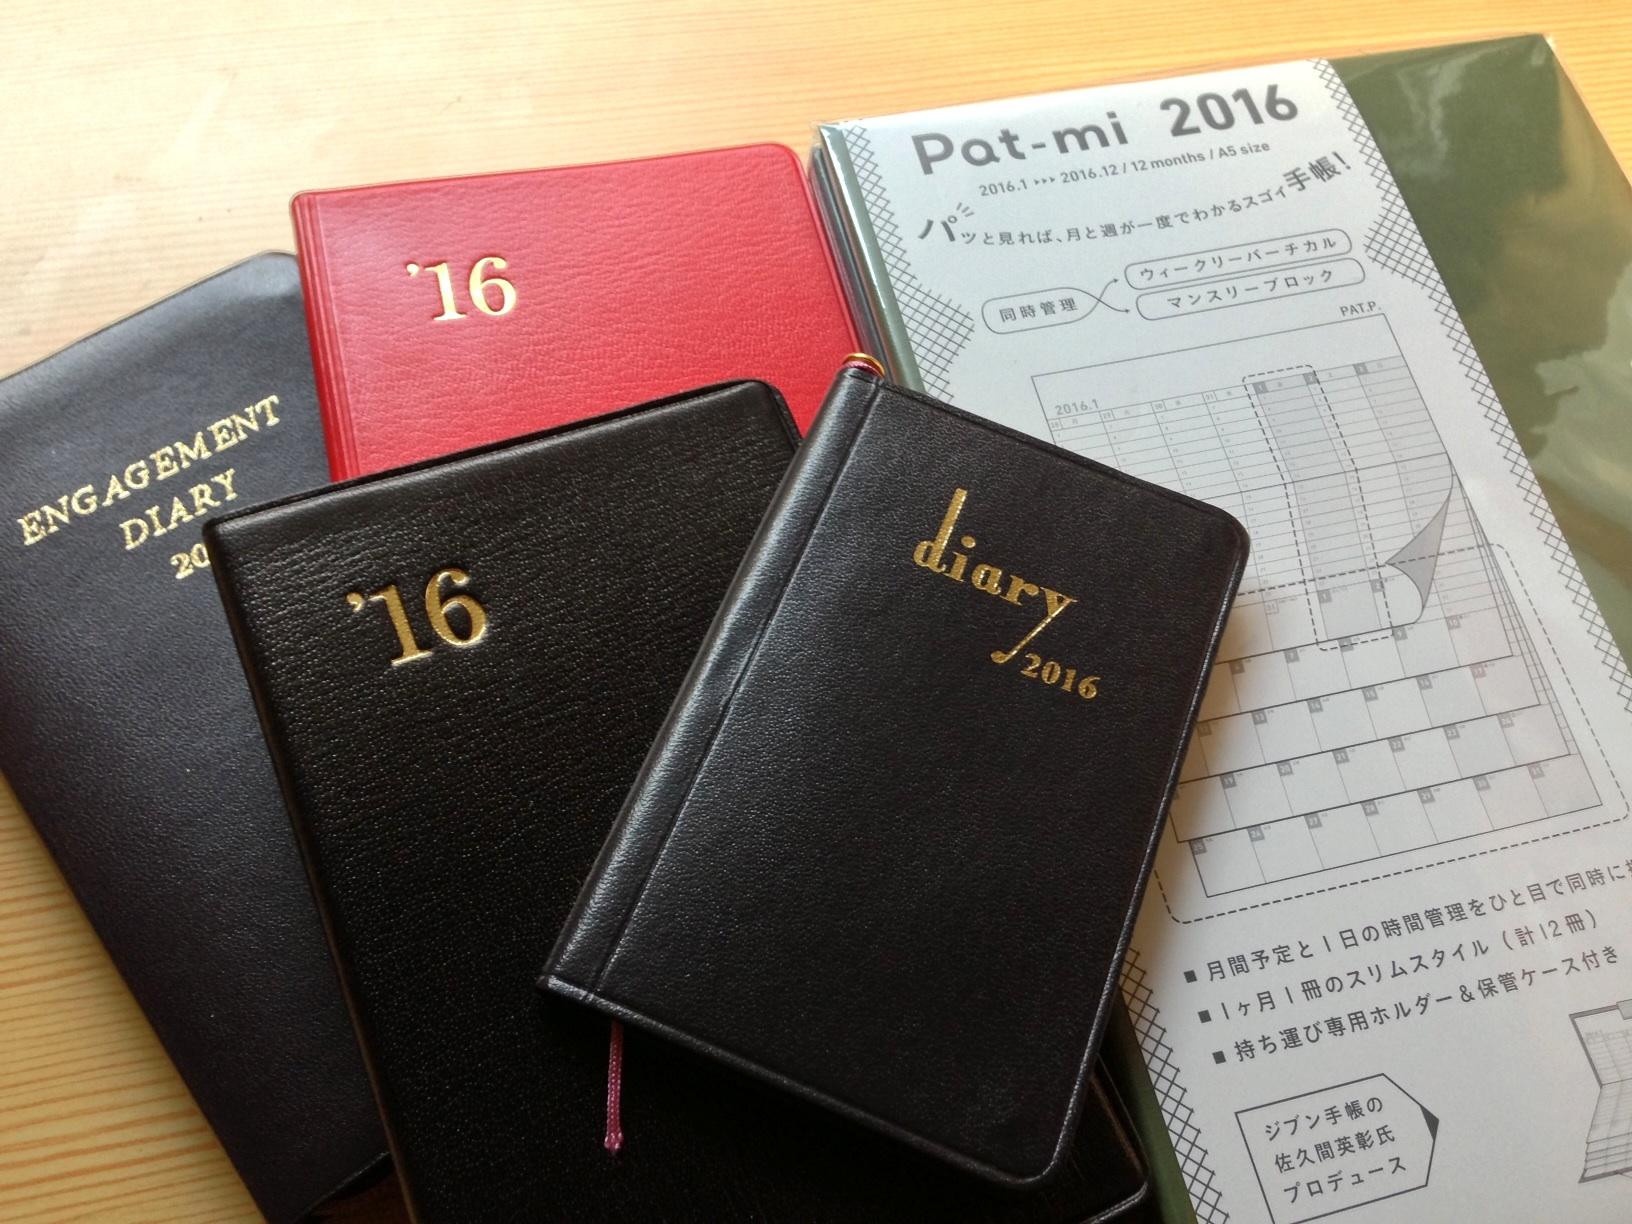 2016手帳へのカウントダウン